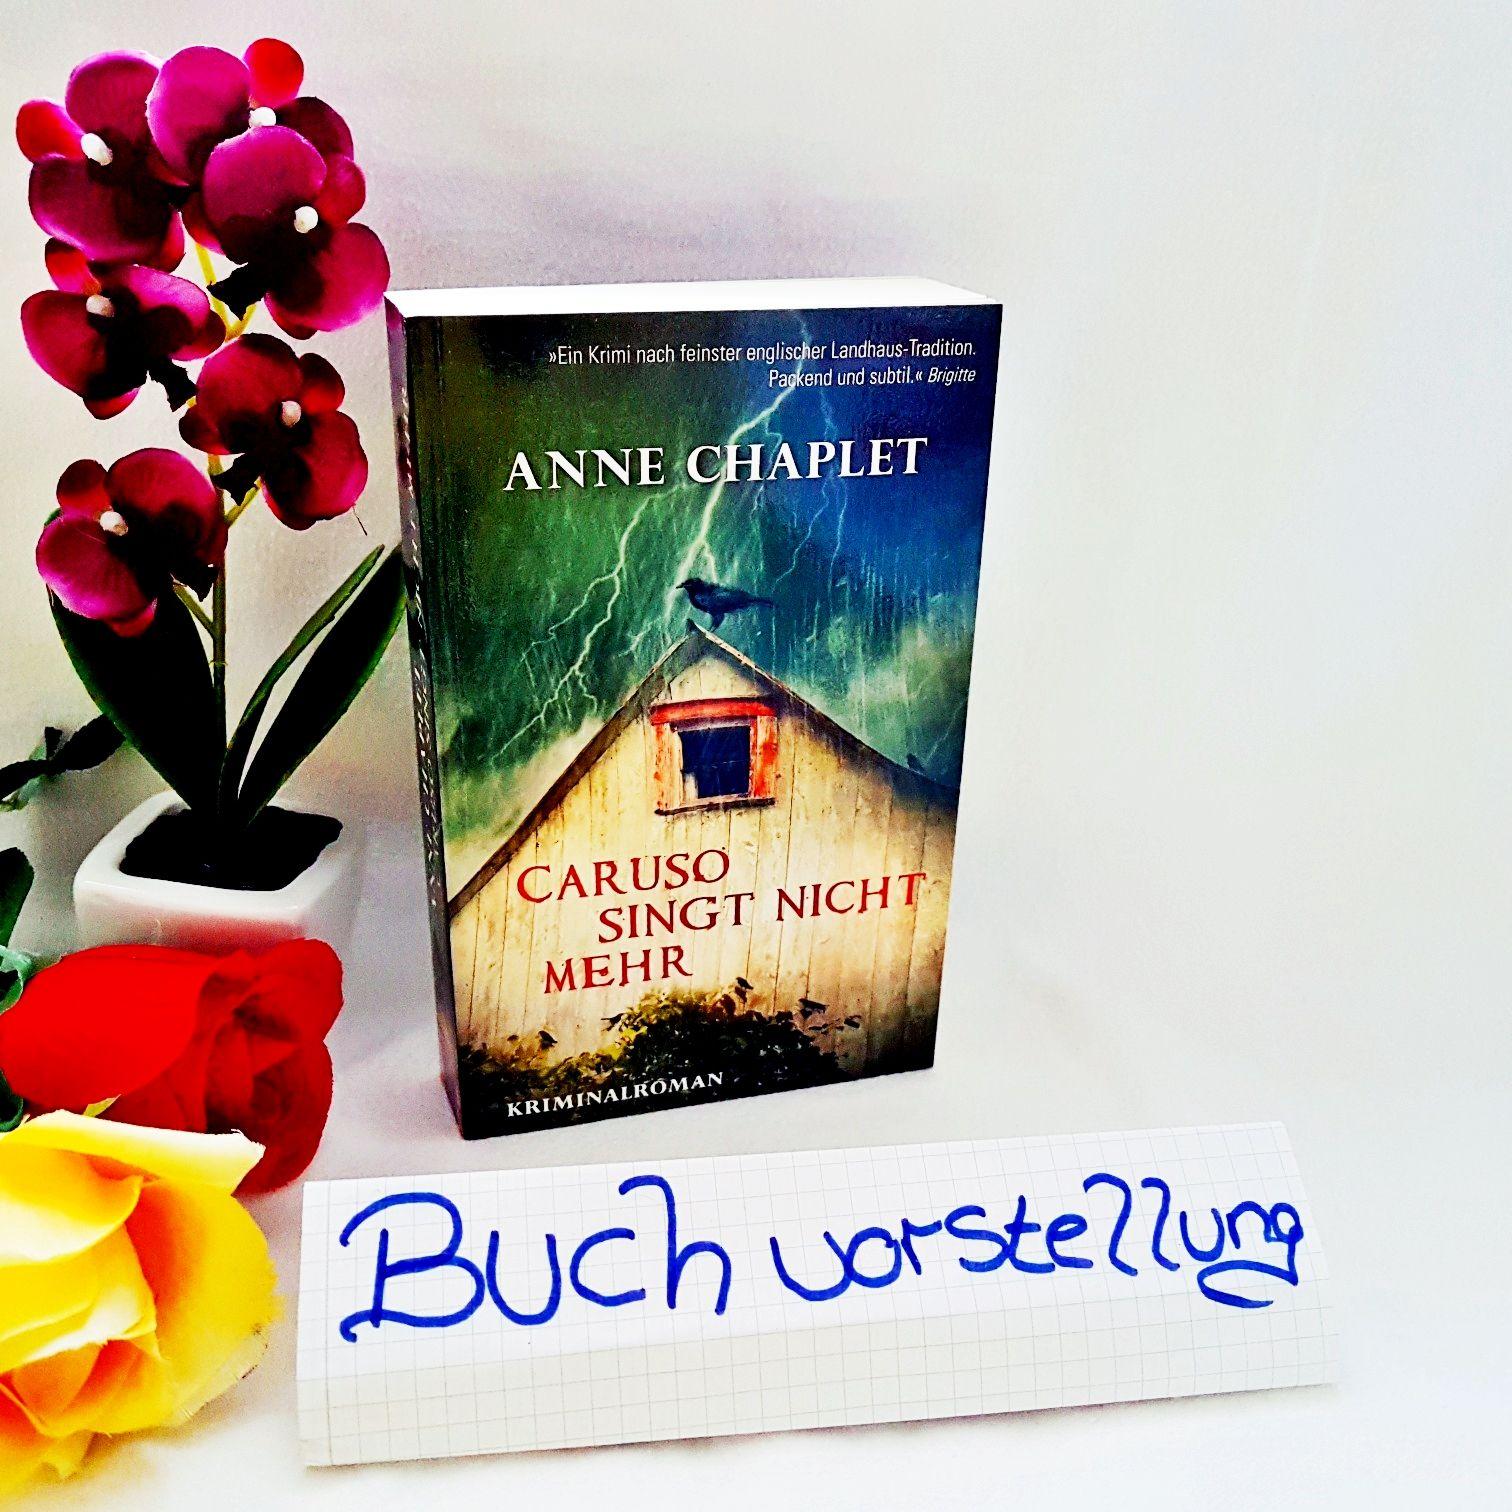 Caruso Singt Nicht mehr von Anne Chaplet